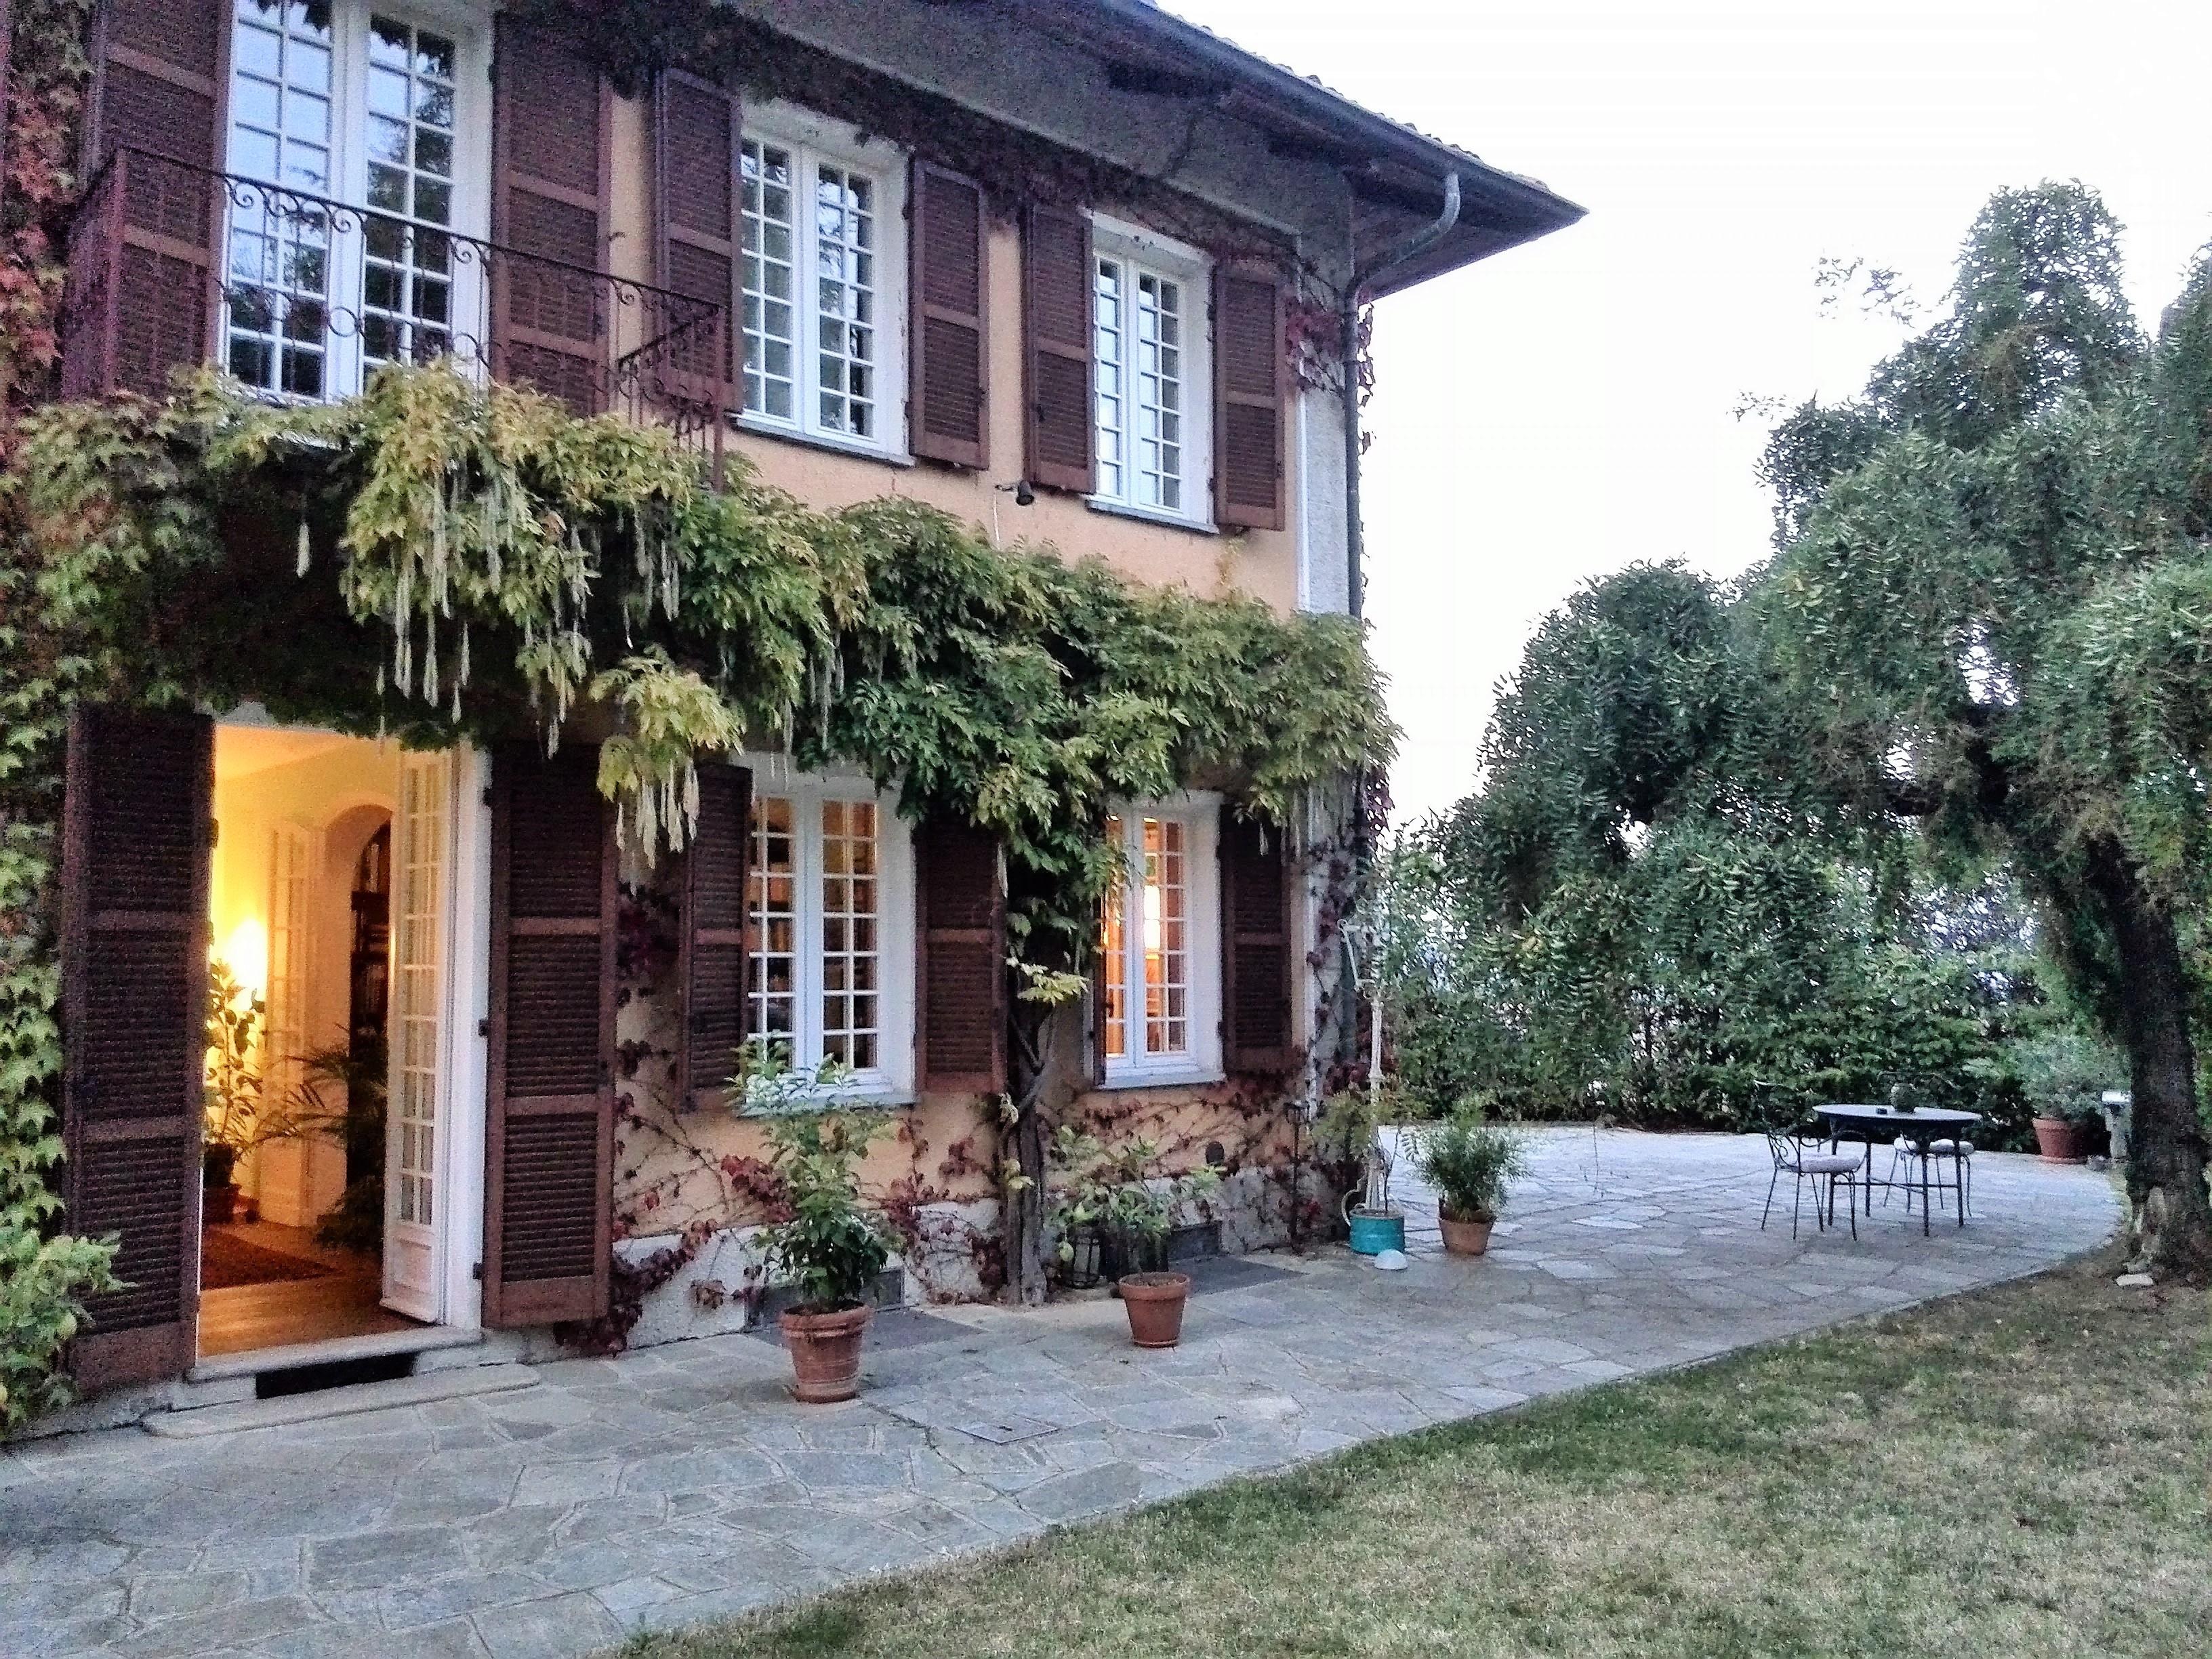 B&B Gli Specchi con il suo splendido giardino, lungo la strada dei colori e sapori, Torino